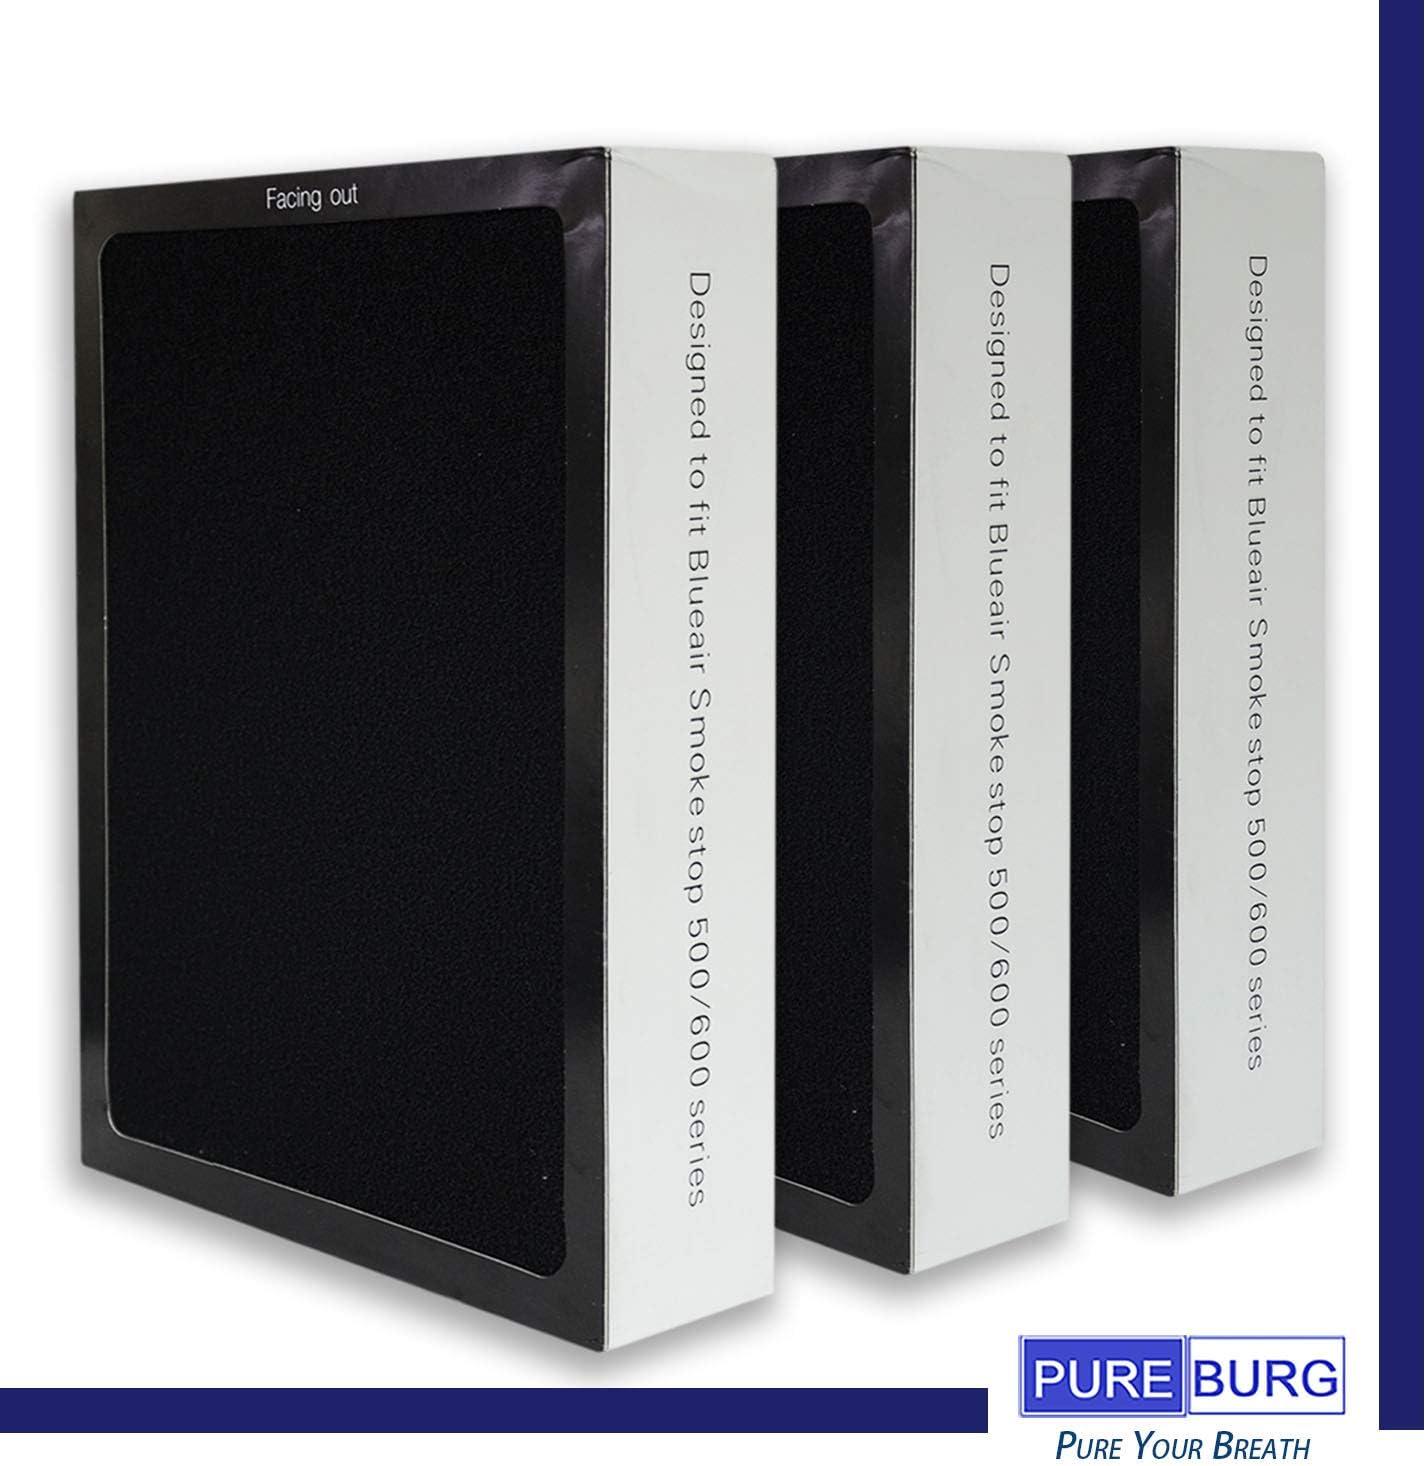 Pureburg - Juego de filtros HEPA de Repuesto para purificadores de ...